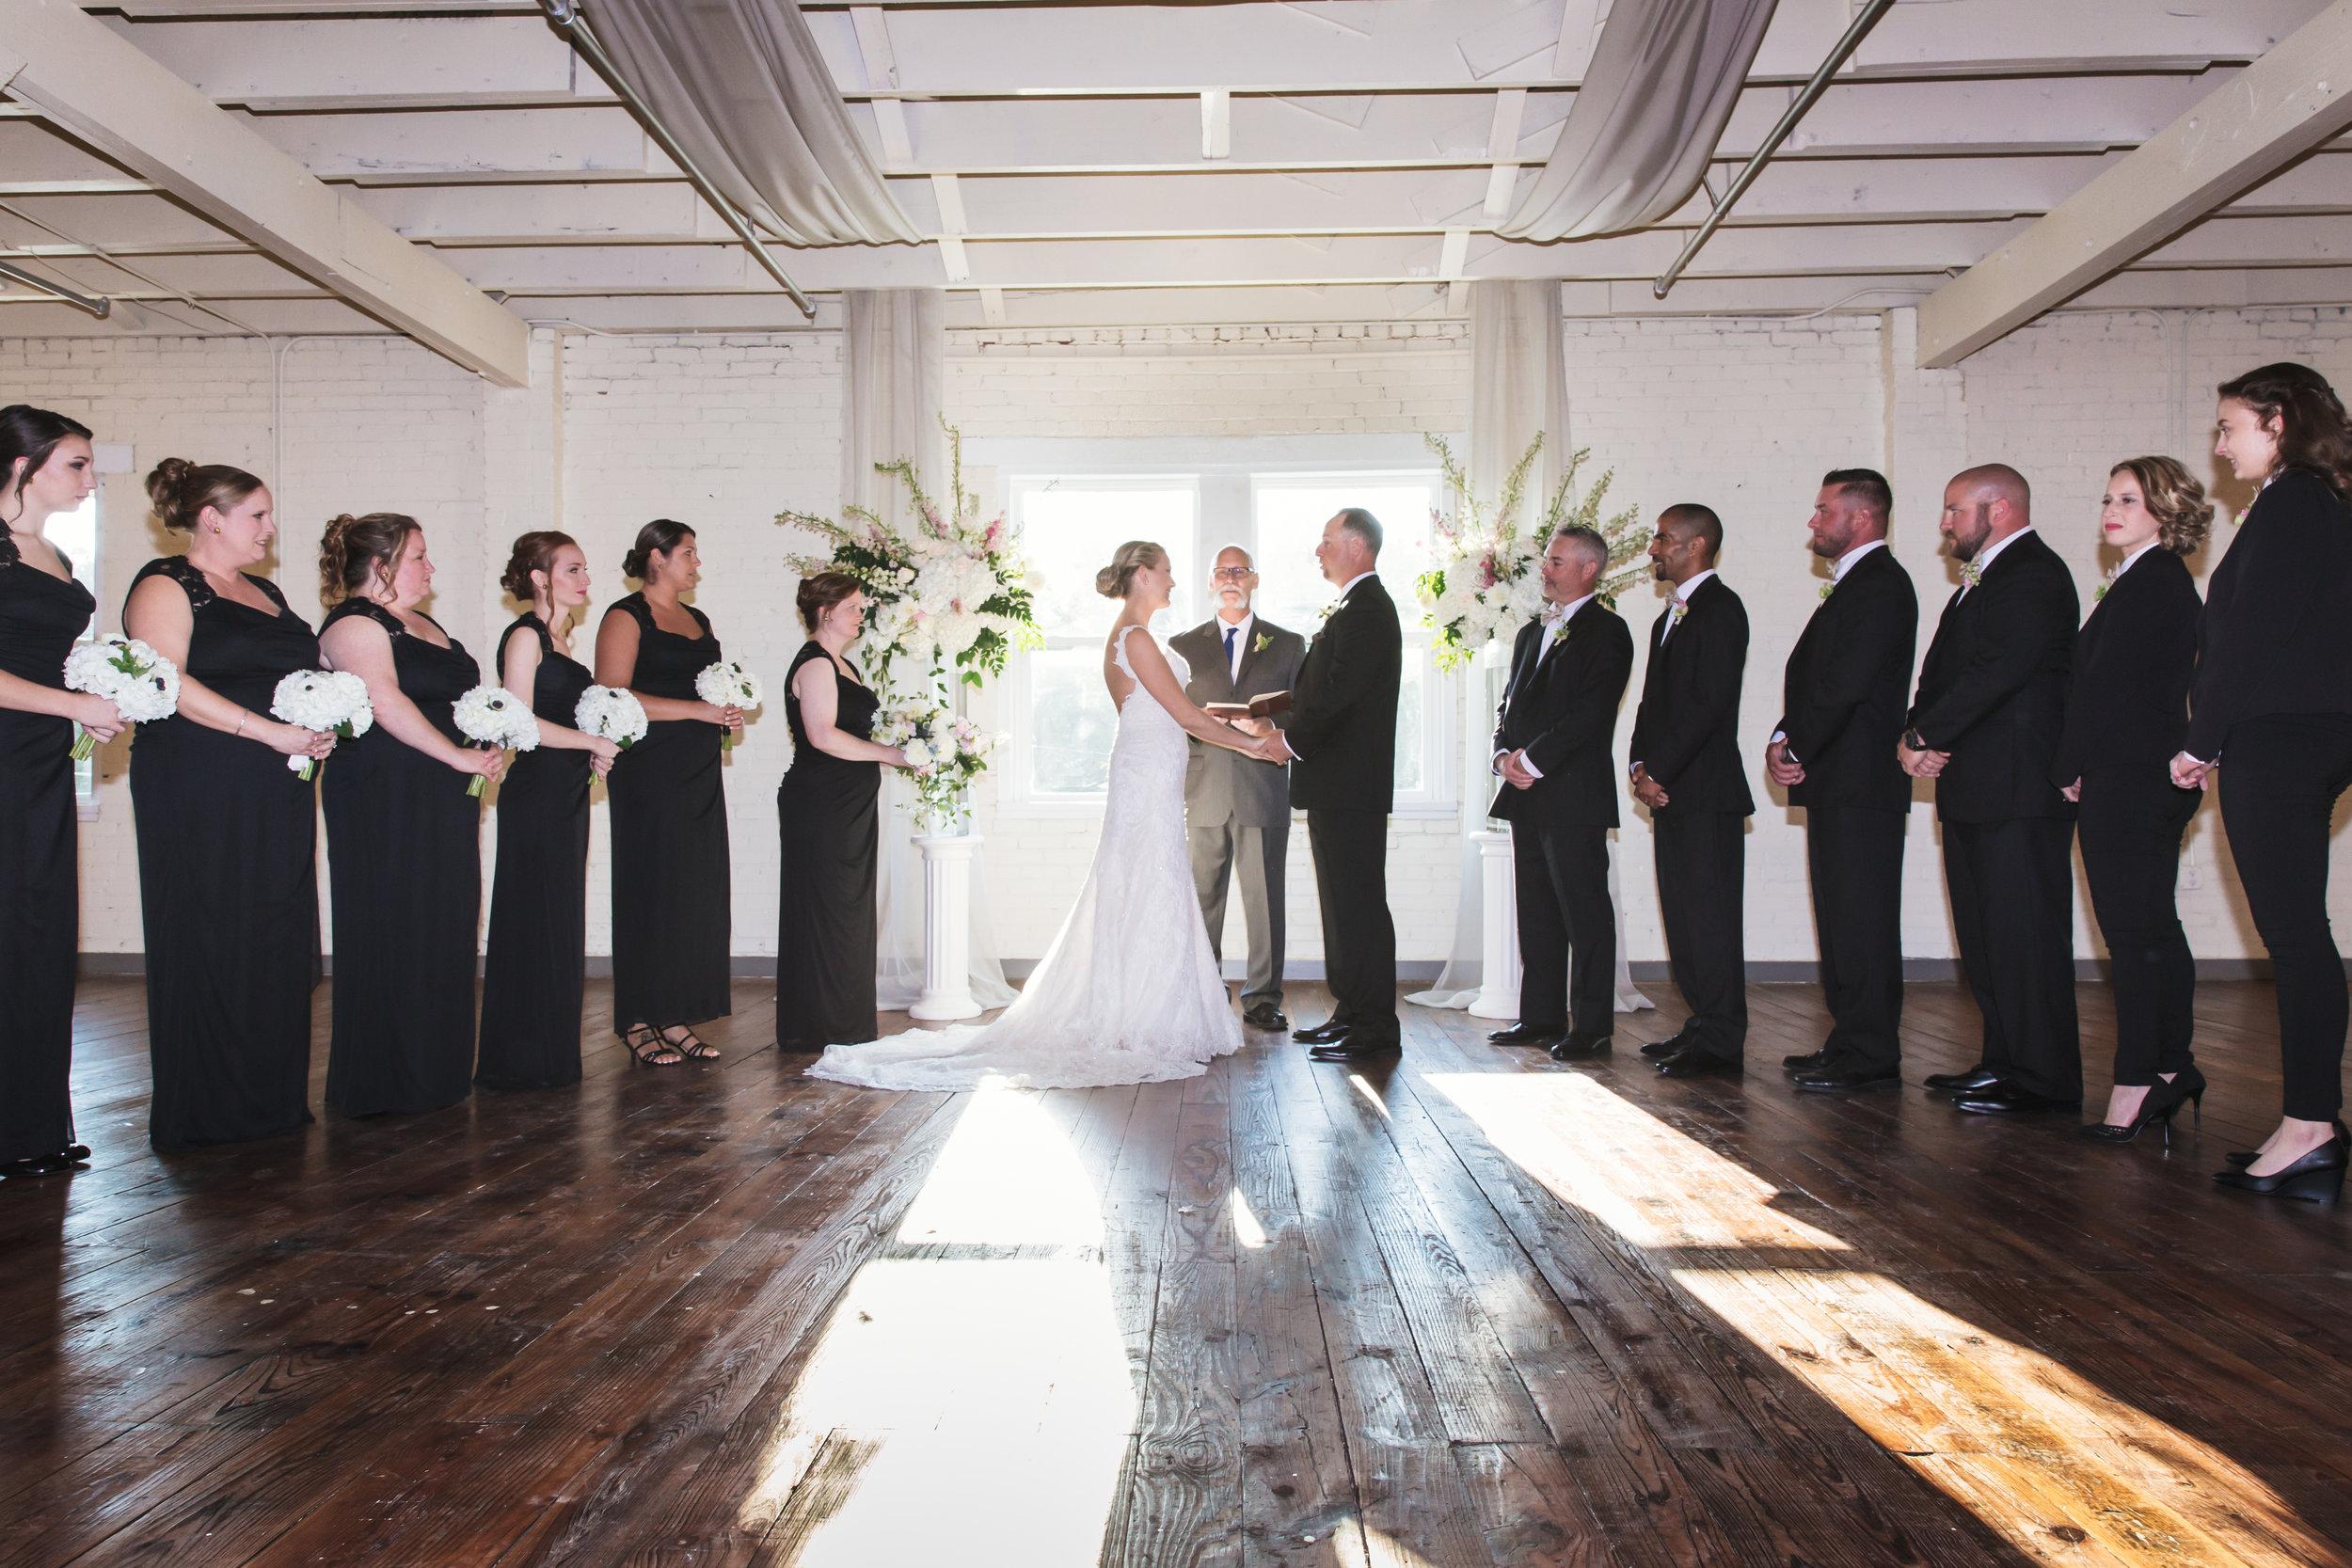 Fort_Worth_Wedding_Venue_Brik.jpg